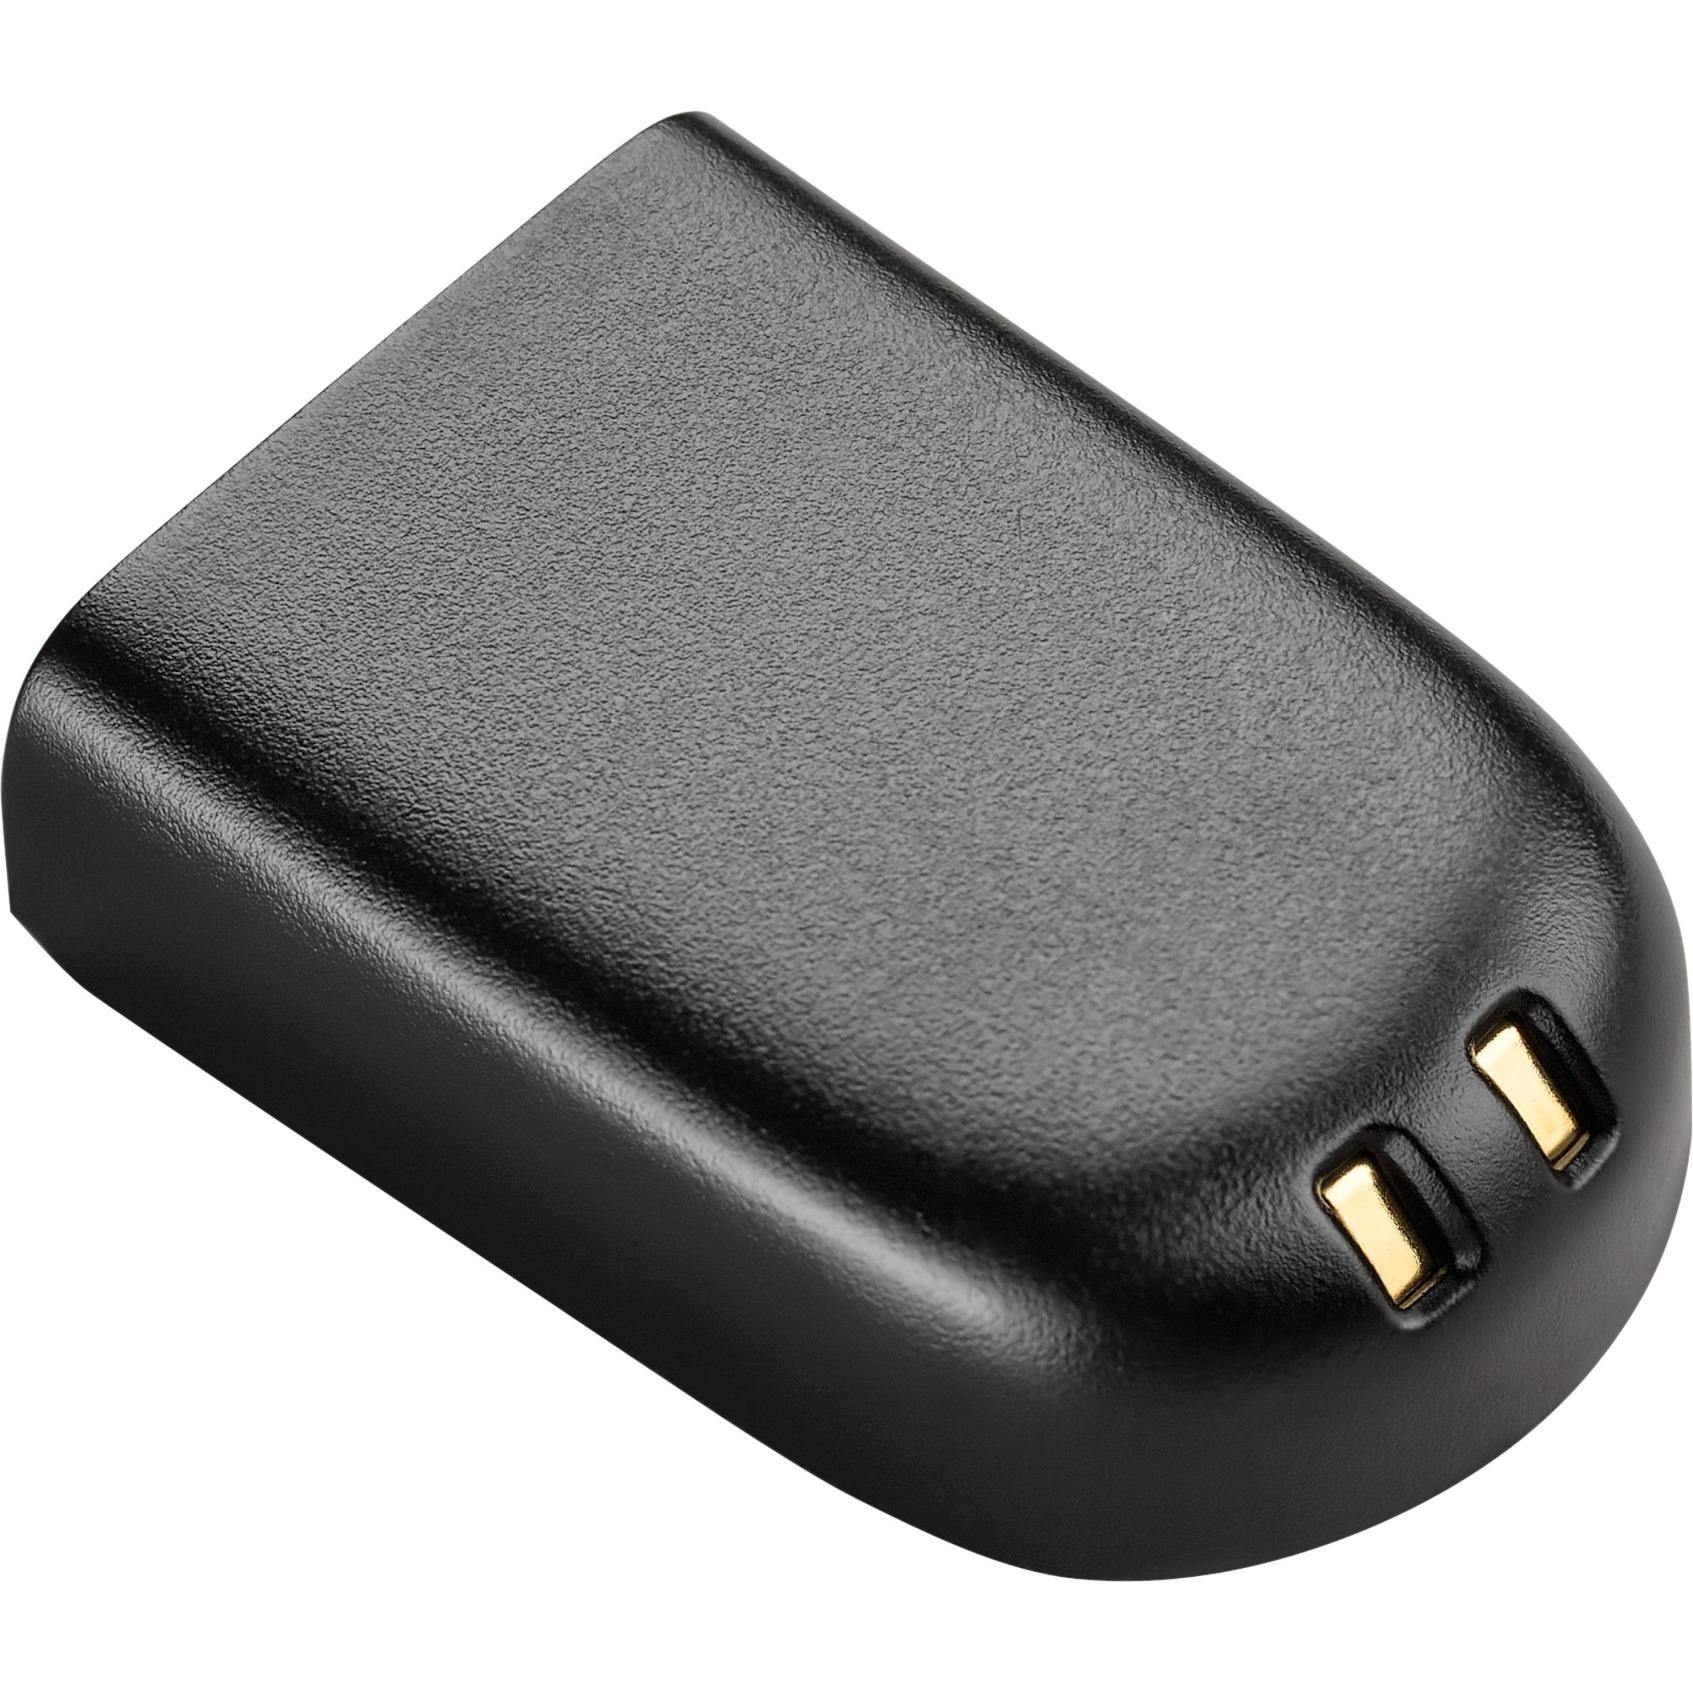 84598-01 auricular / audífono accesorio, Batería